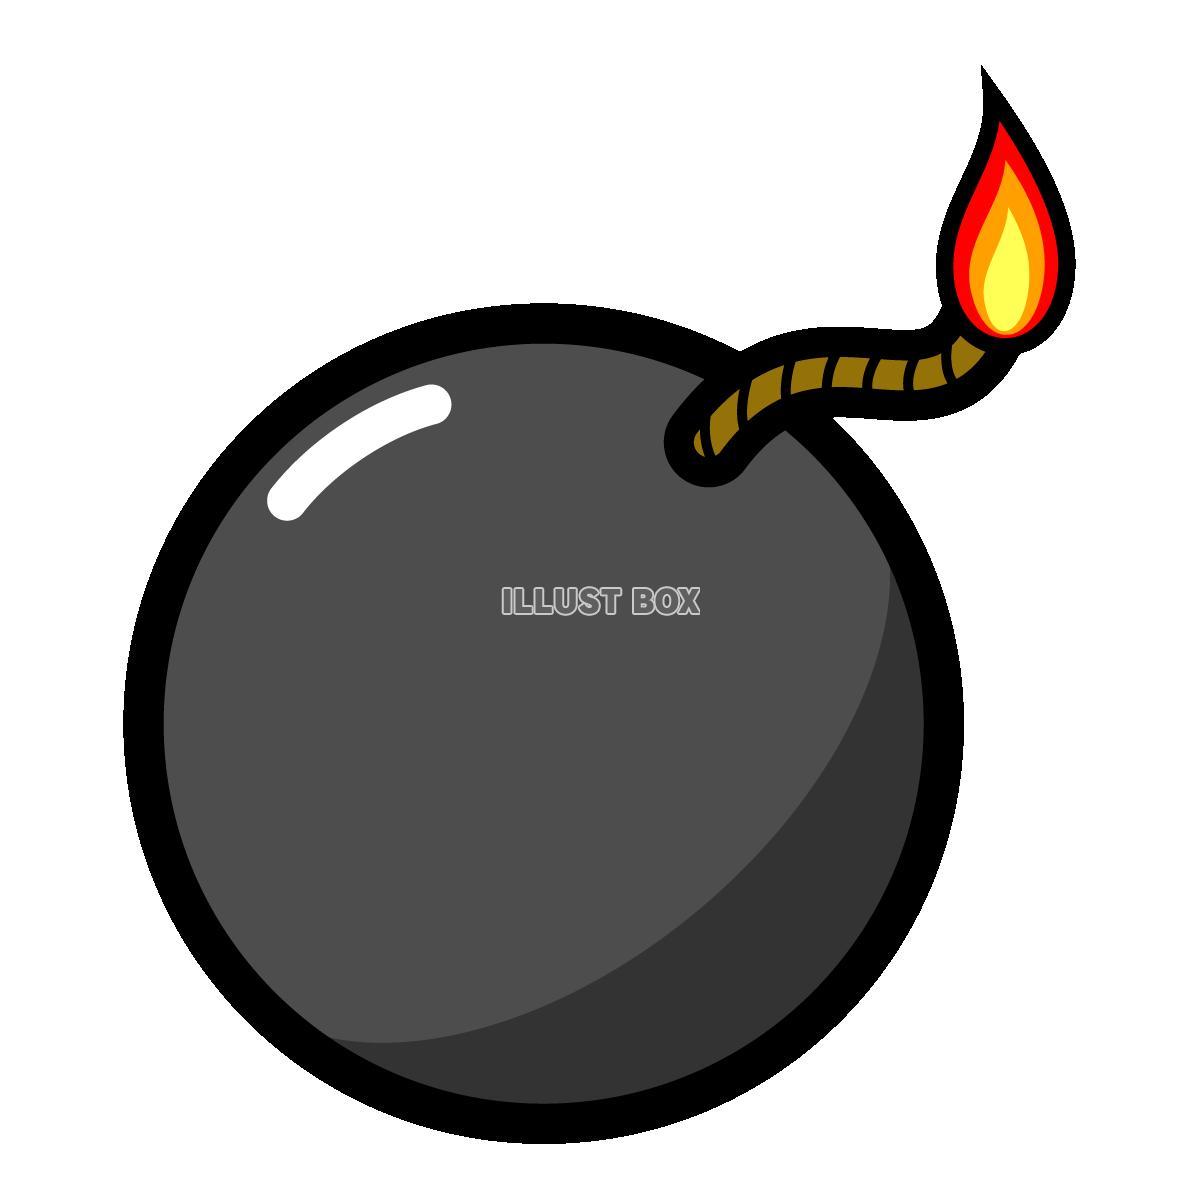 爆弾のイラスト2 (透過PNG) : イラスト無料